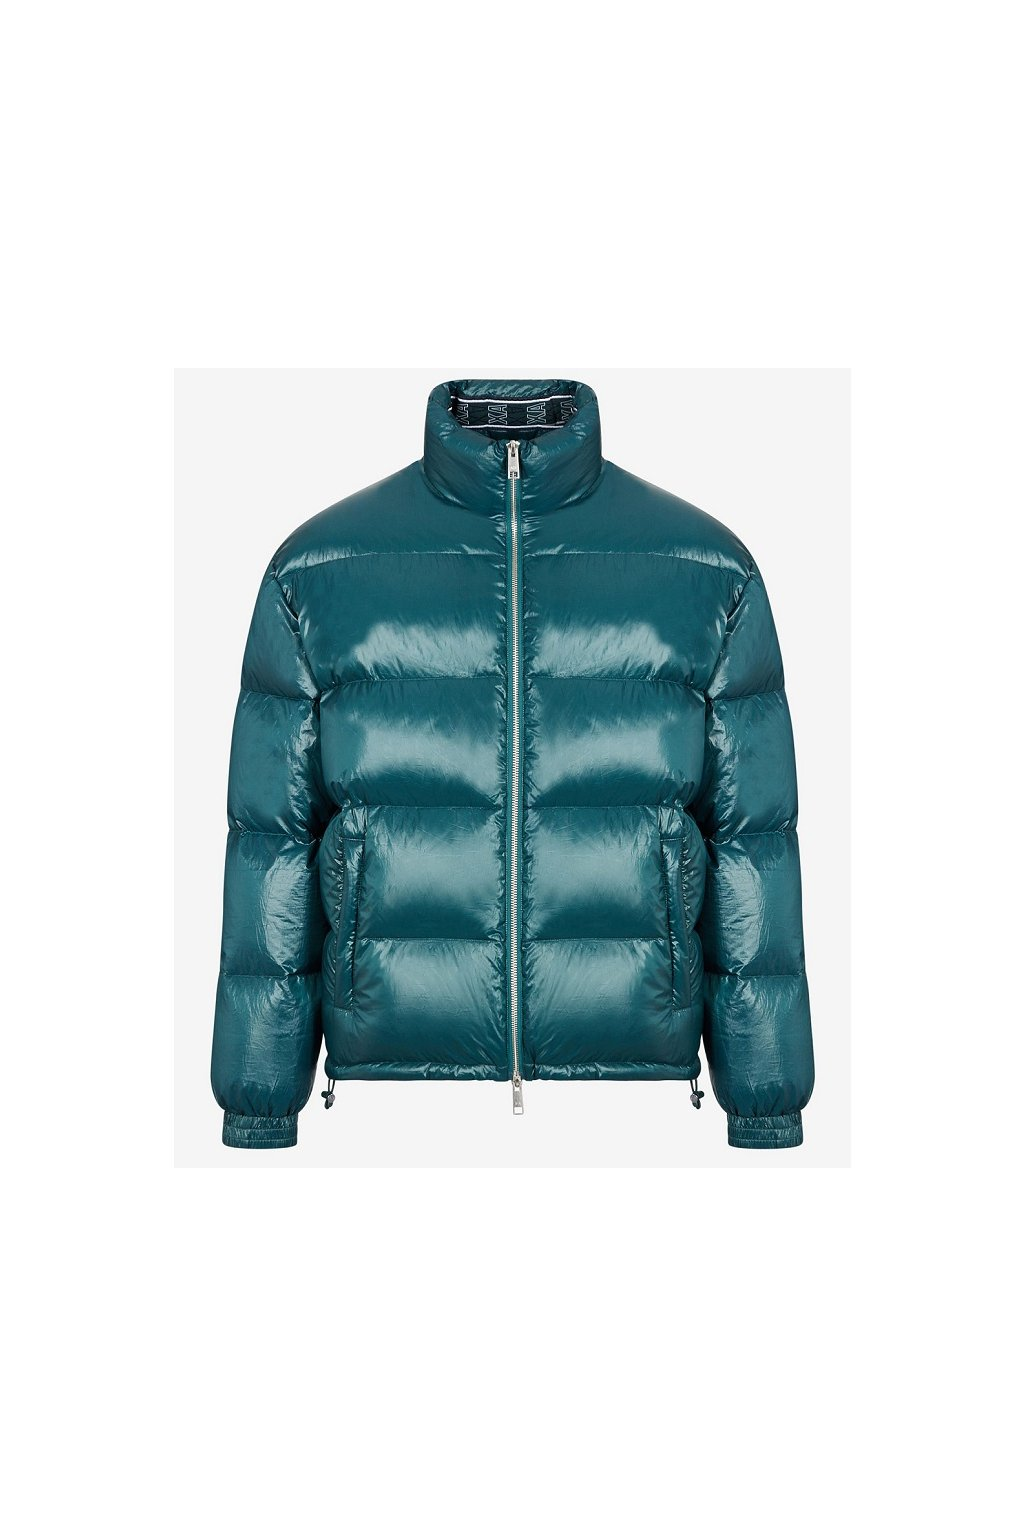 6GZB45 ZNH2Z Pánská bunda Armani Exchange zelená